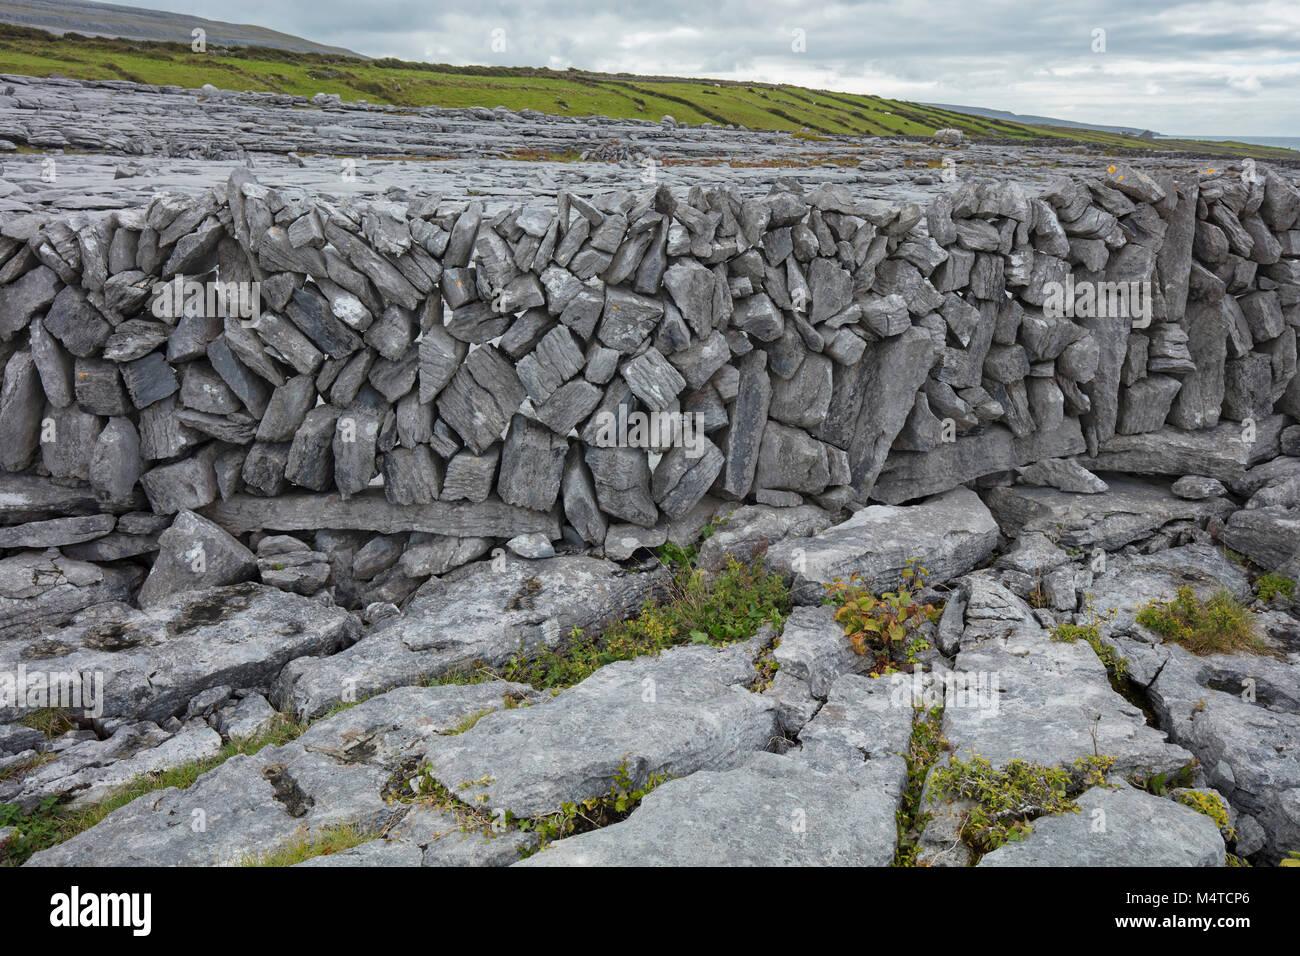 Mur de pierre et lapiez, le Burren, comté de Clare, Irlande. Photo Stock